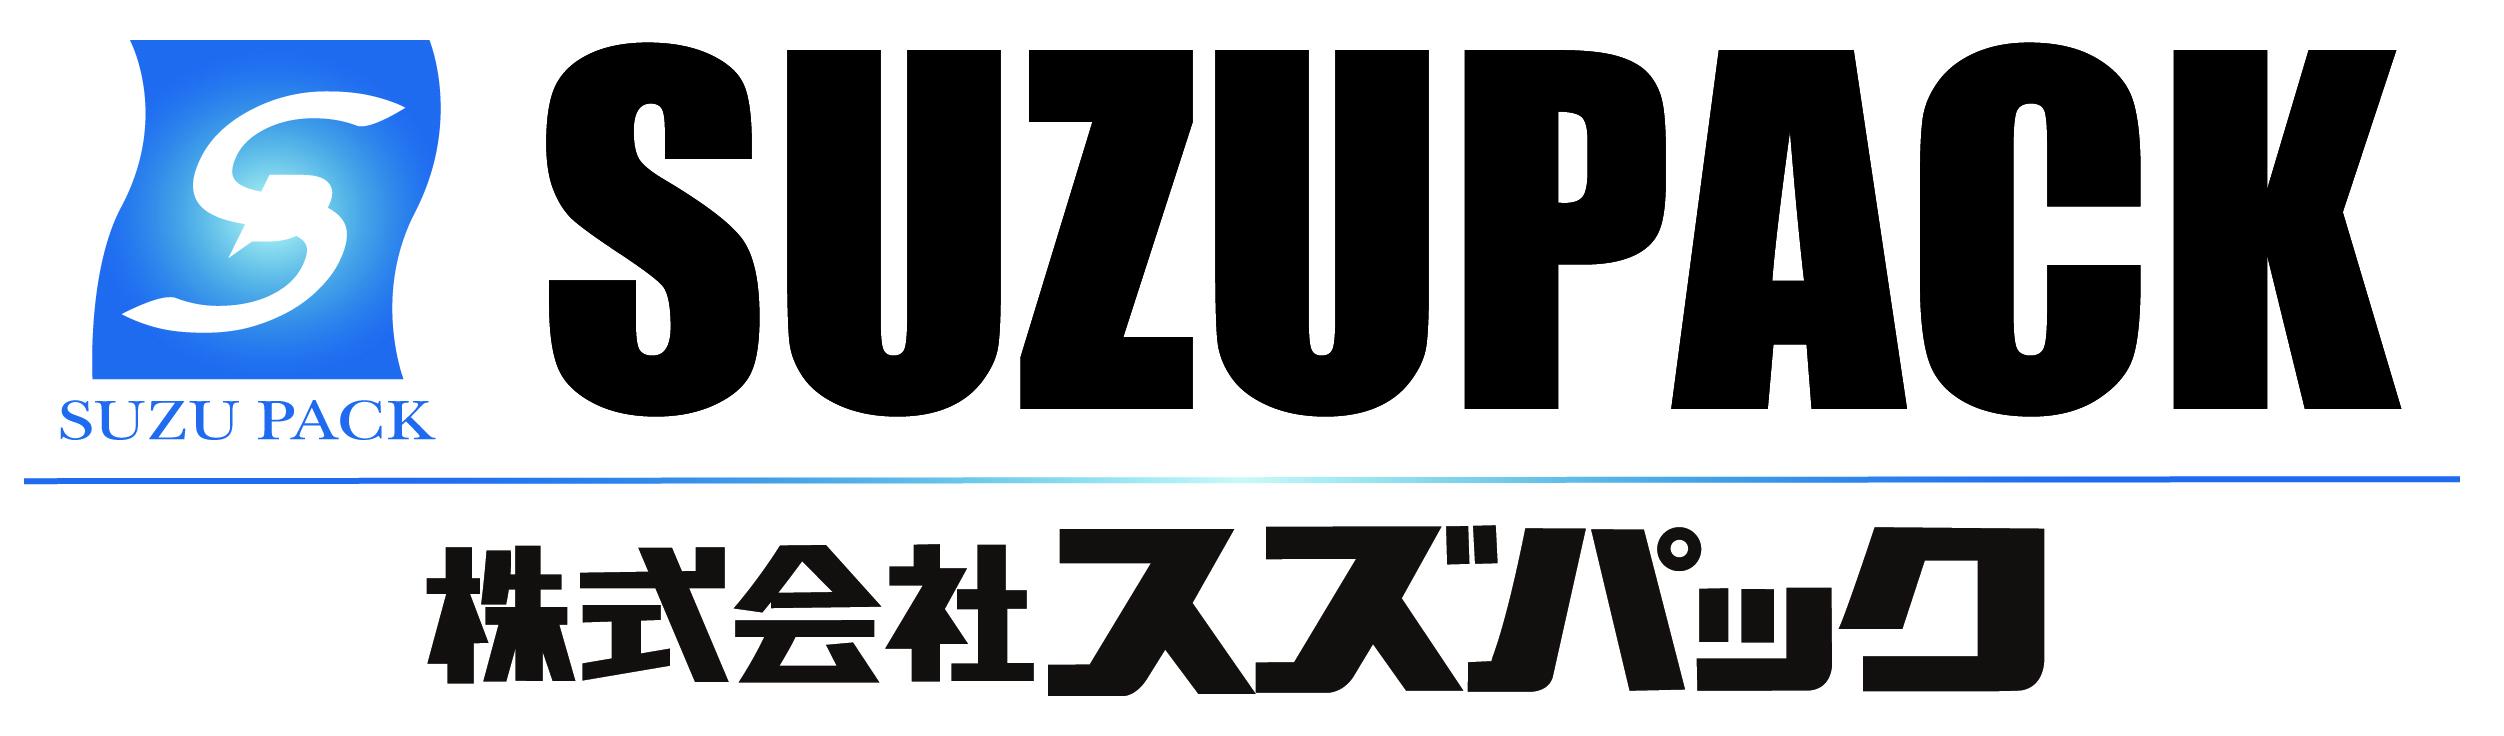 SUZUPACK